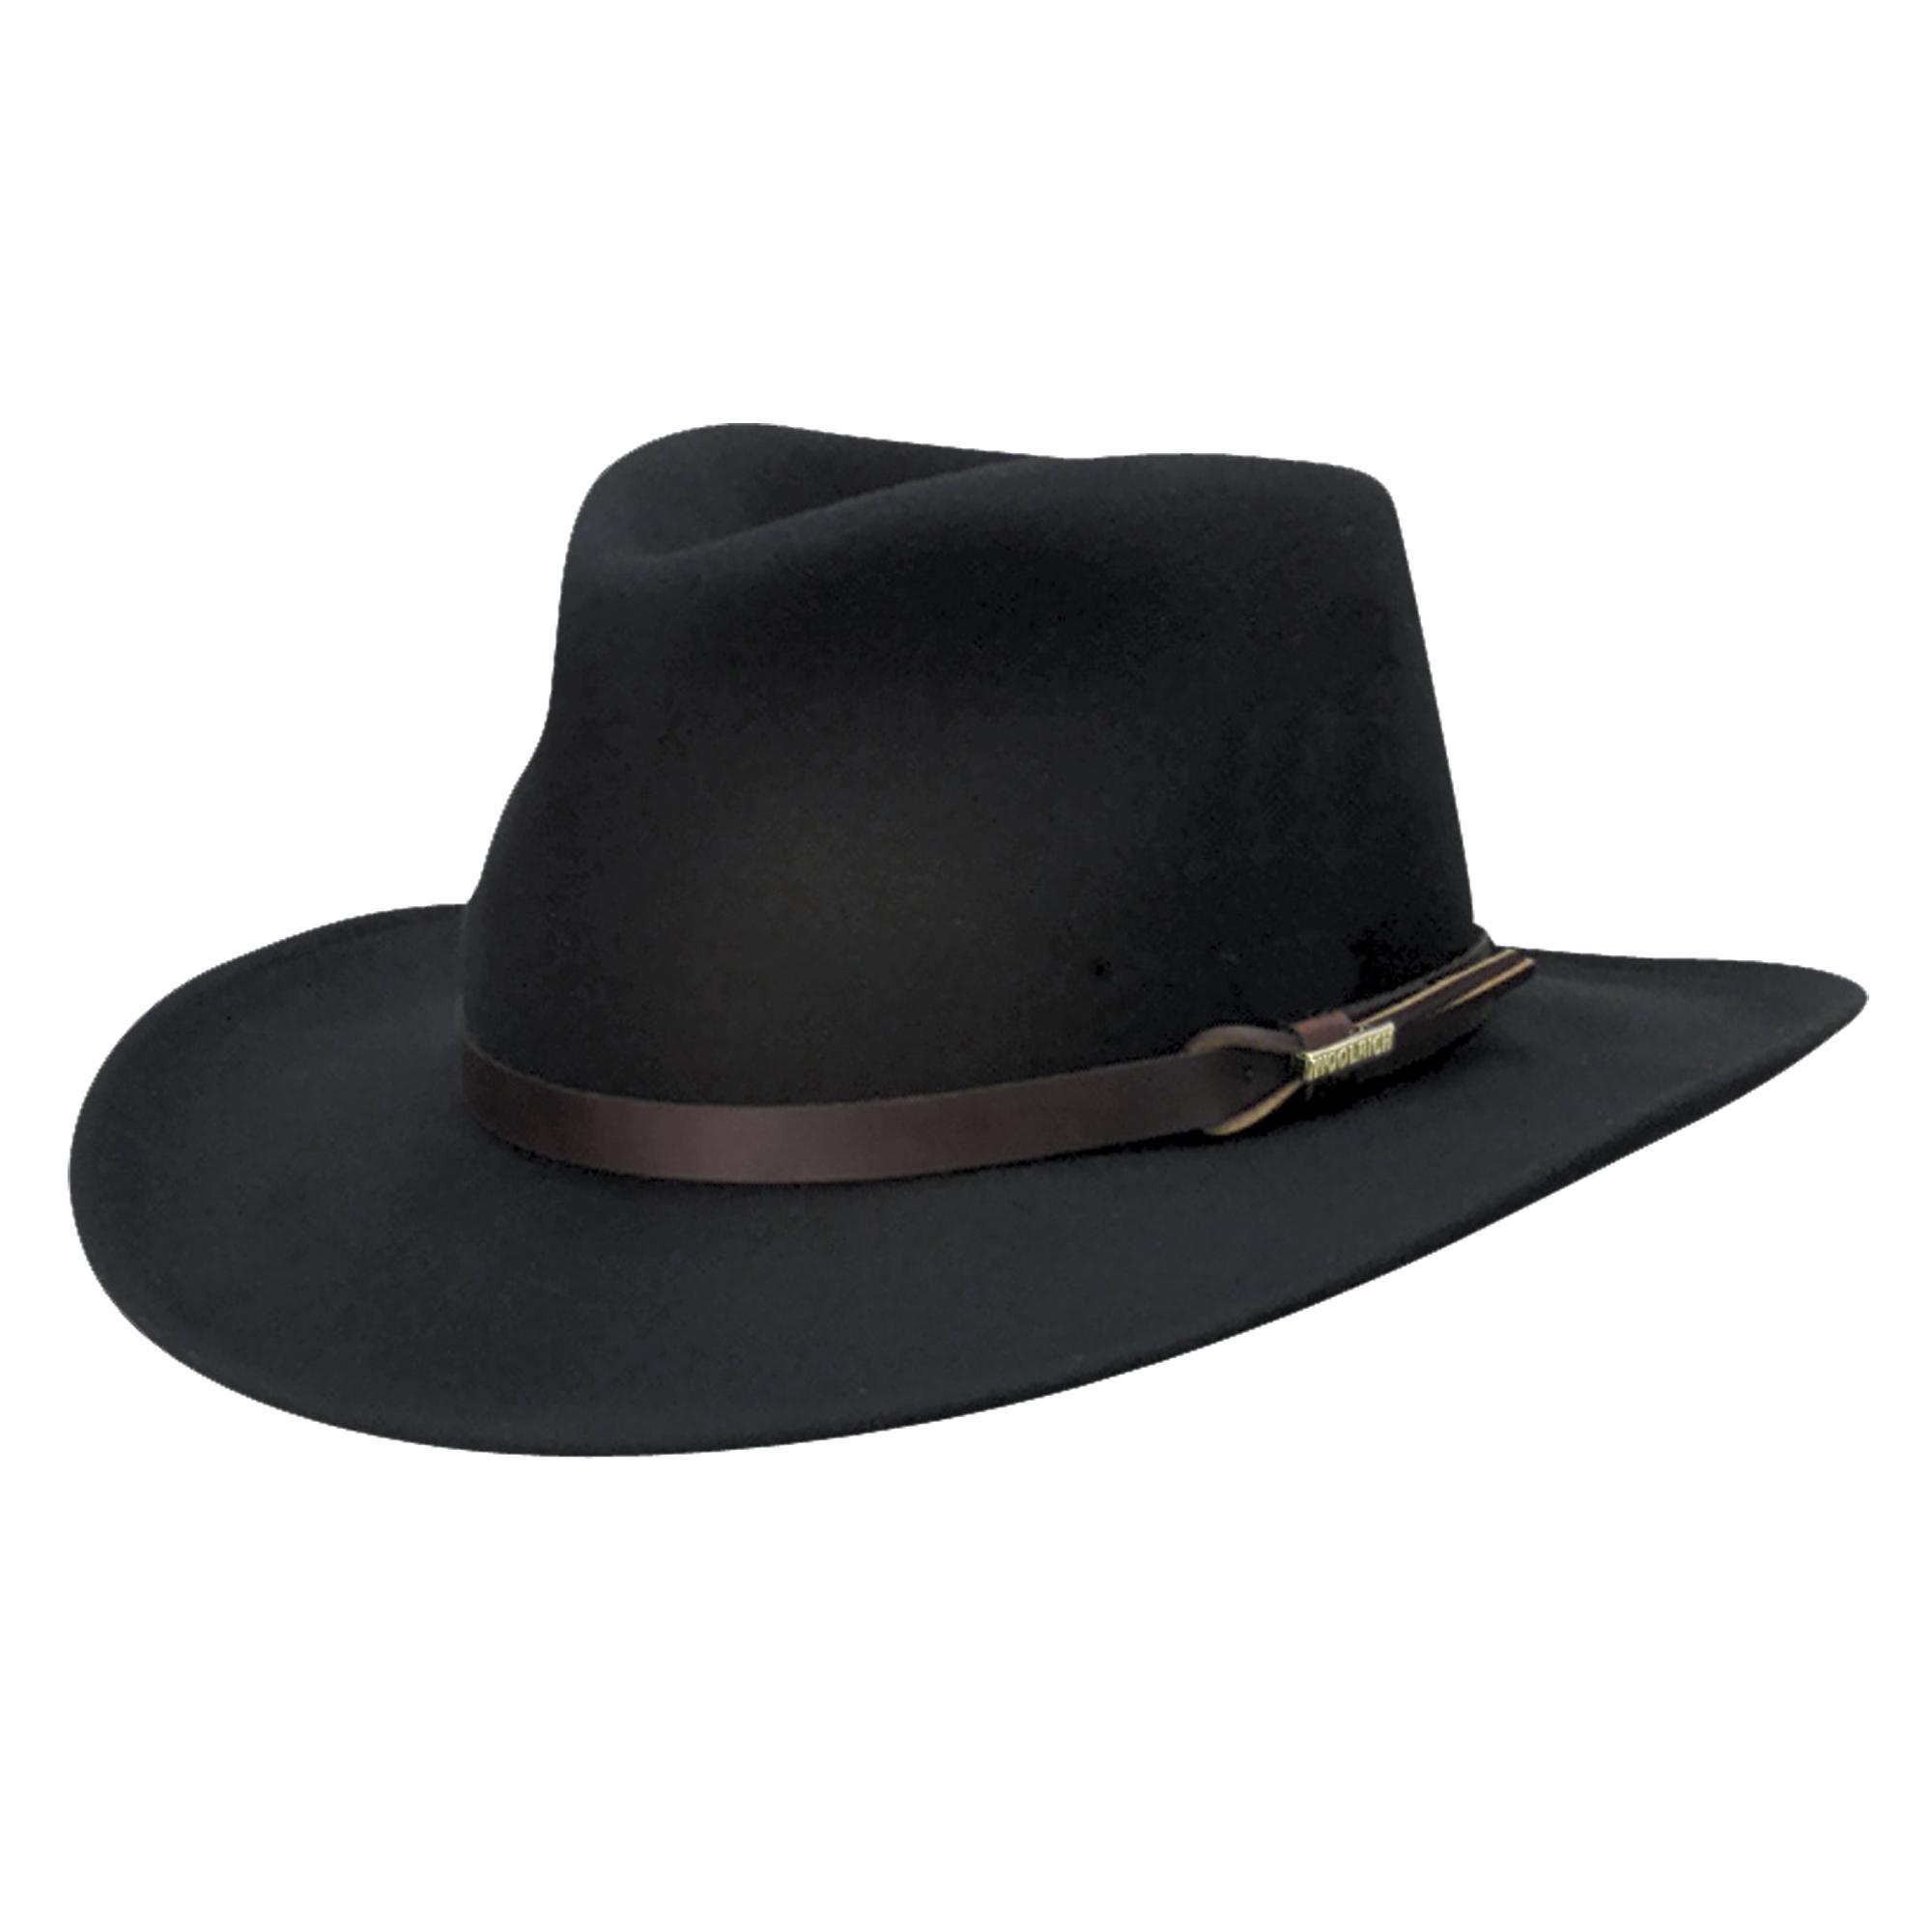 36cdb5c50d11b Woolrich Crushable Wool Felt Outback Hat